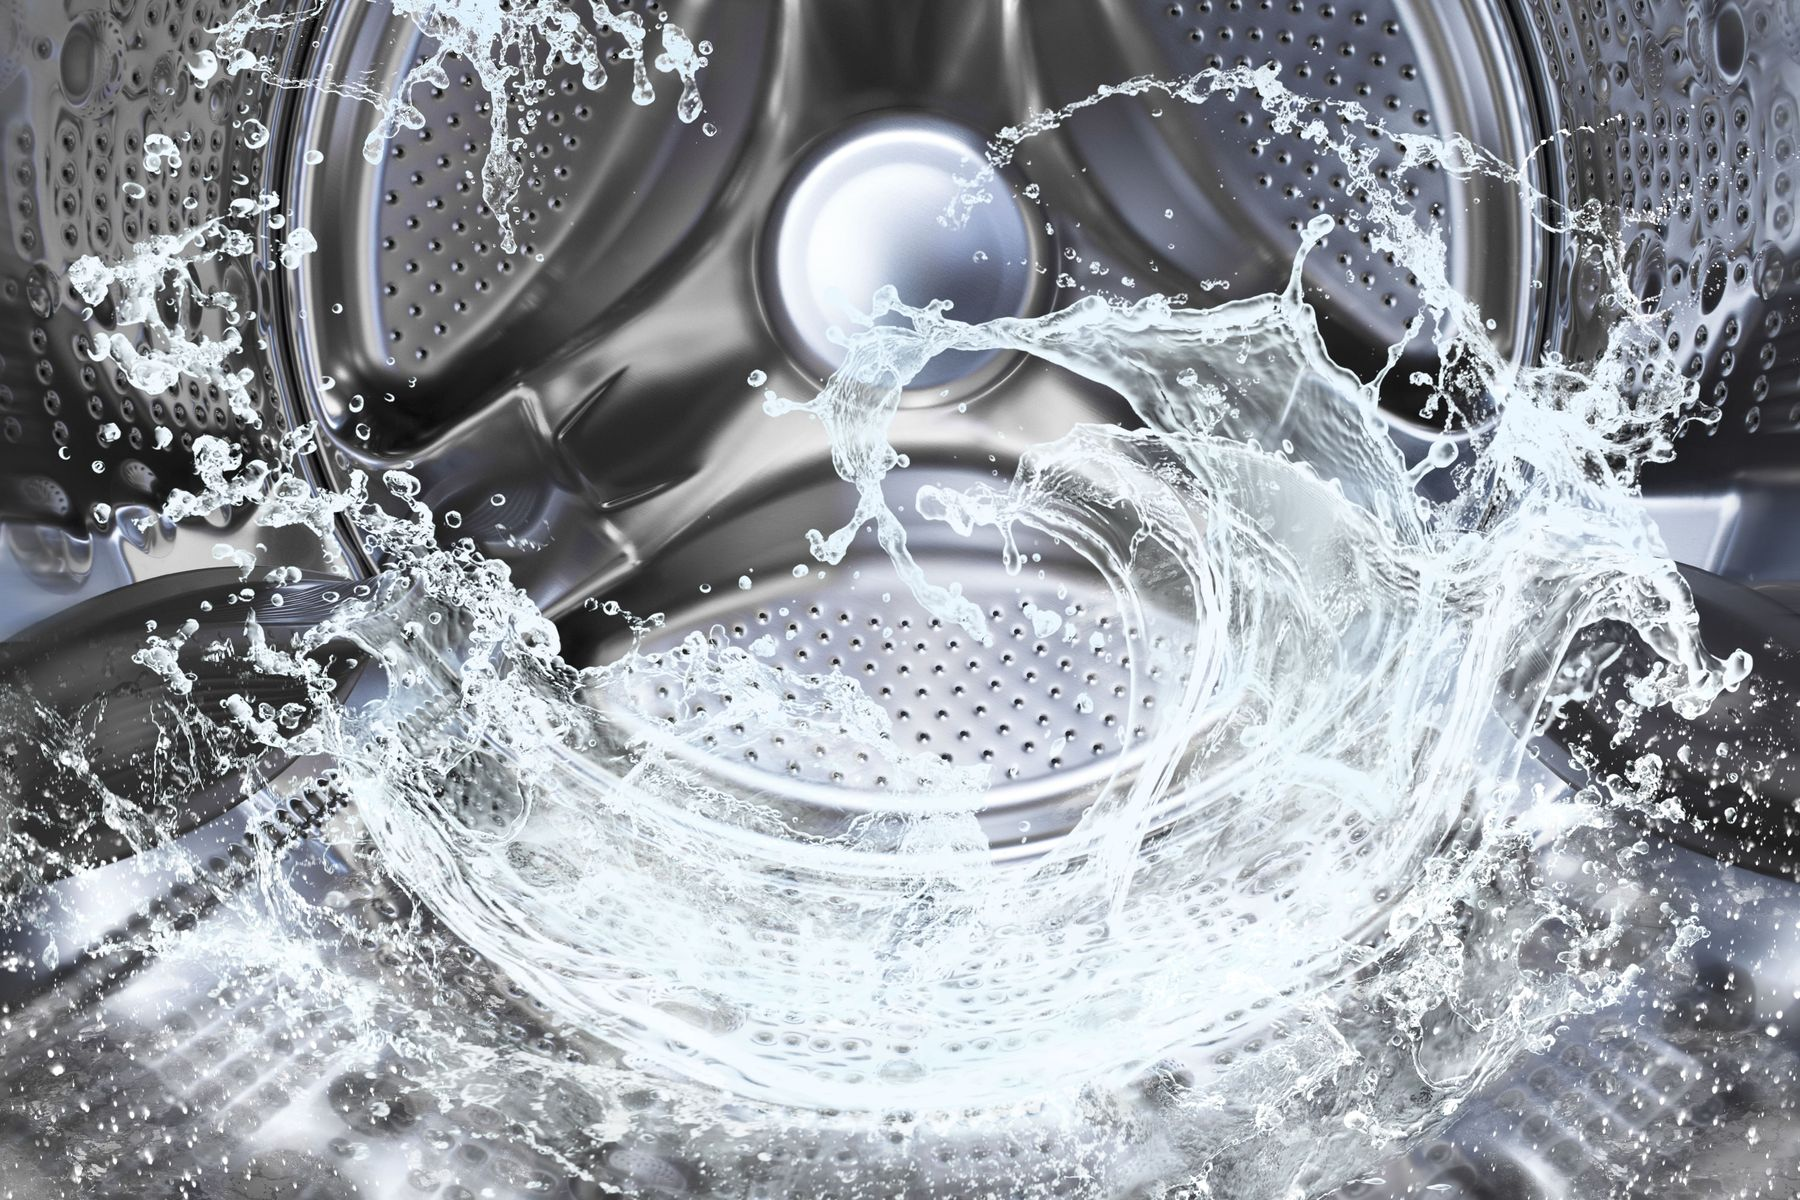 क्या वॉशिंग मशीन से बदबू आती है? उसे दूर करने का उपाय यहाँ दिया गया है